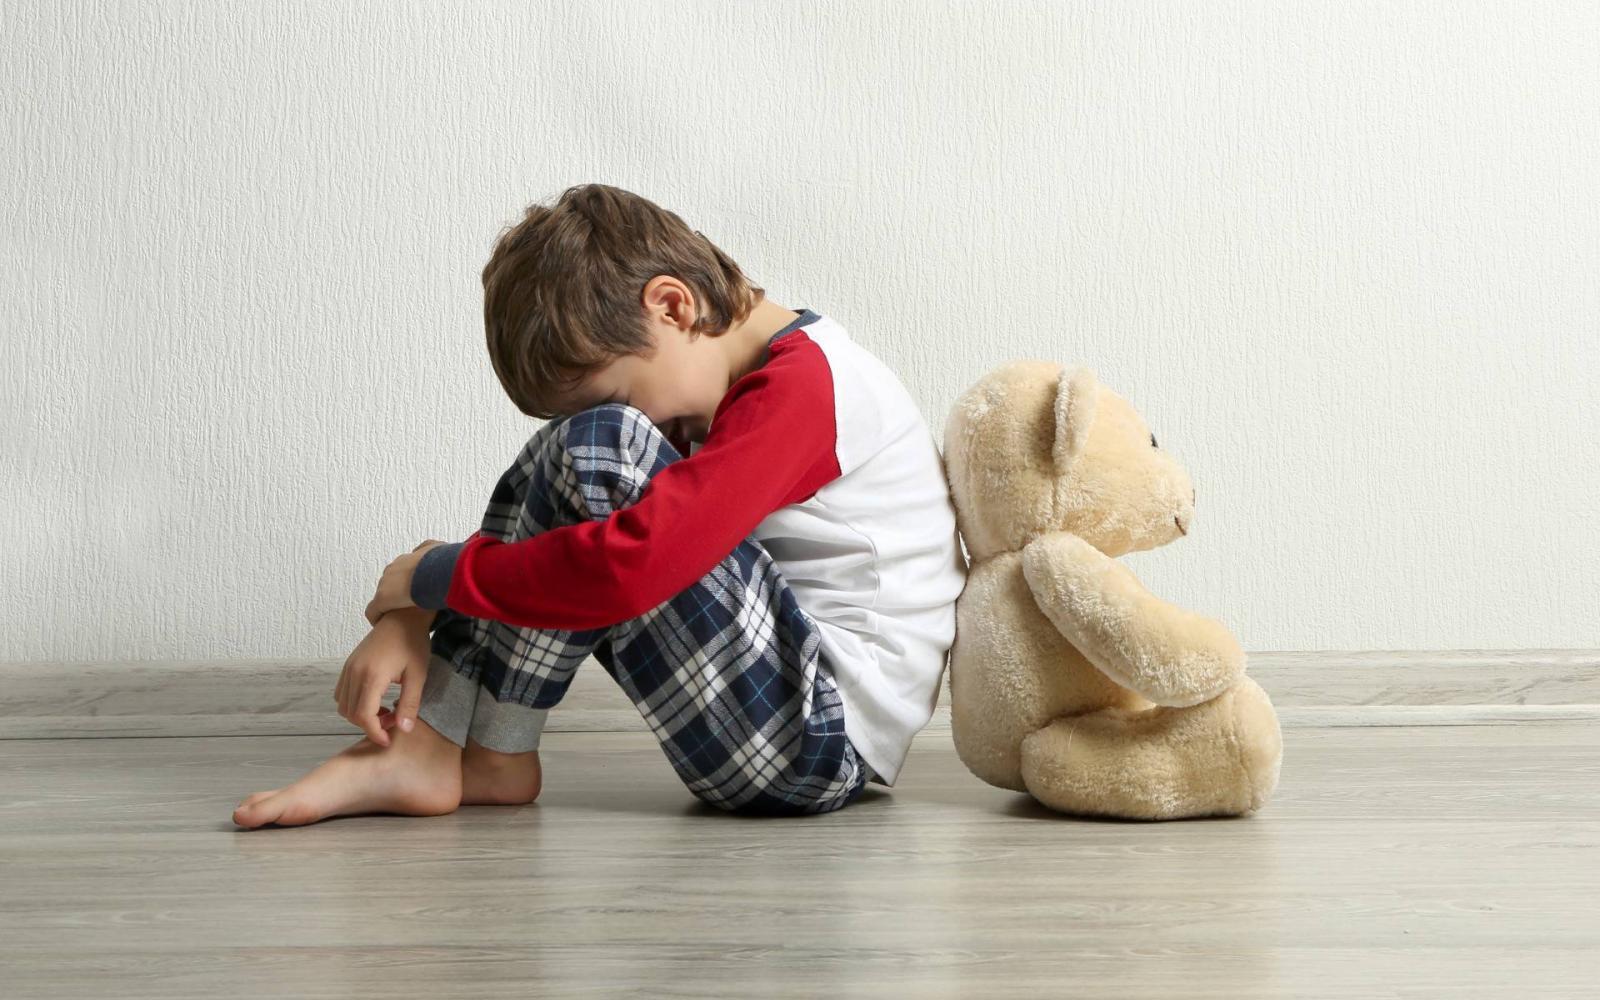 hogyan lehet gyógyítani egy gyermeket, nincs férje